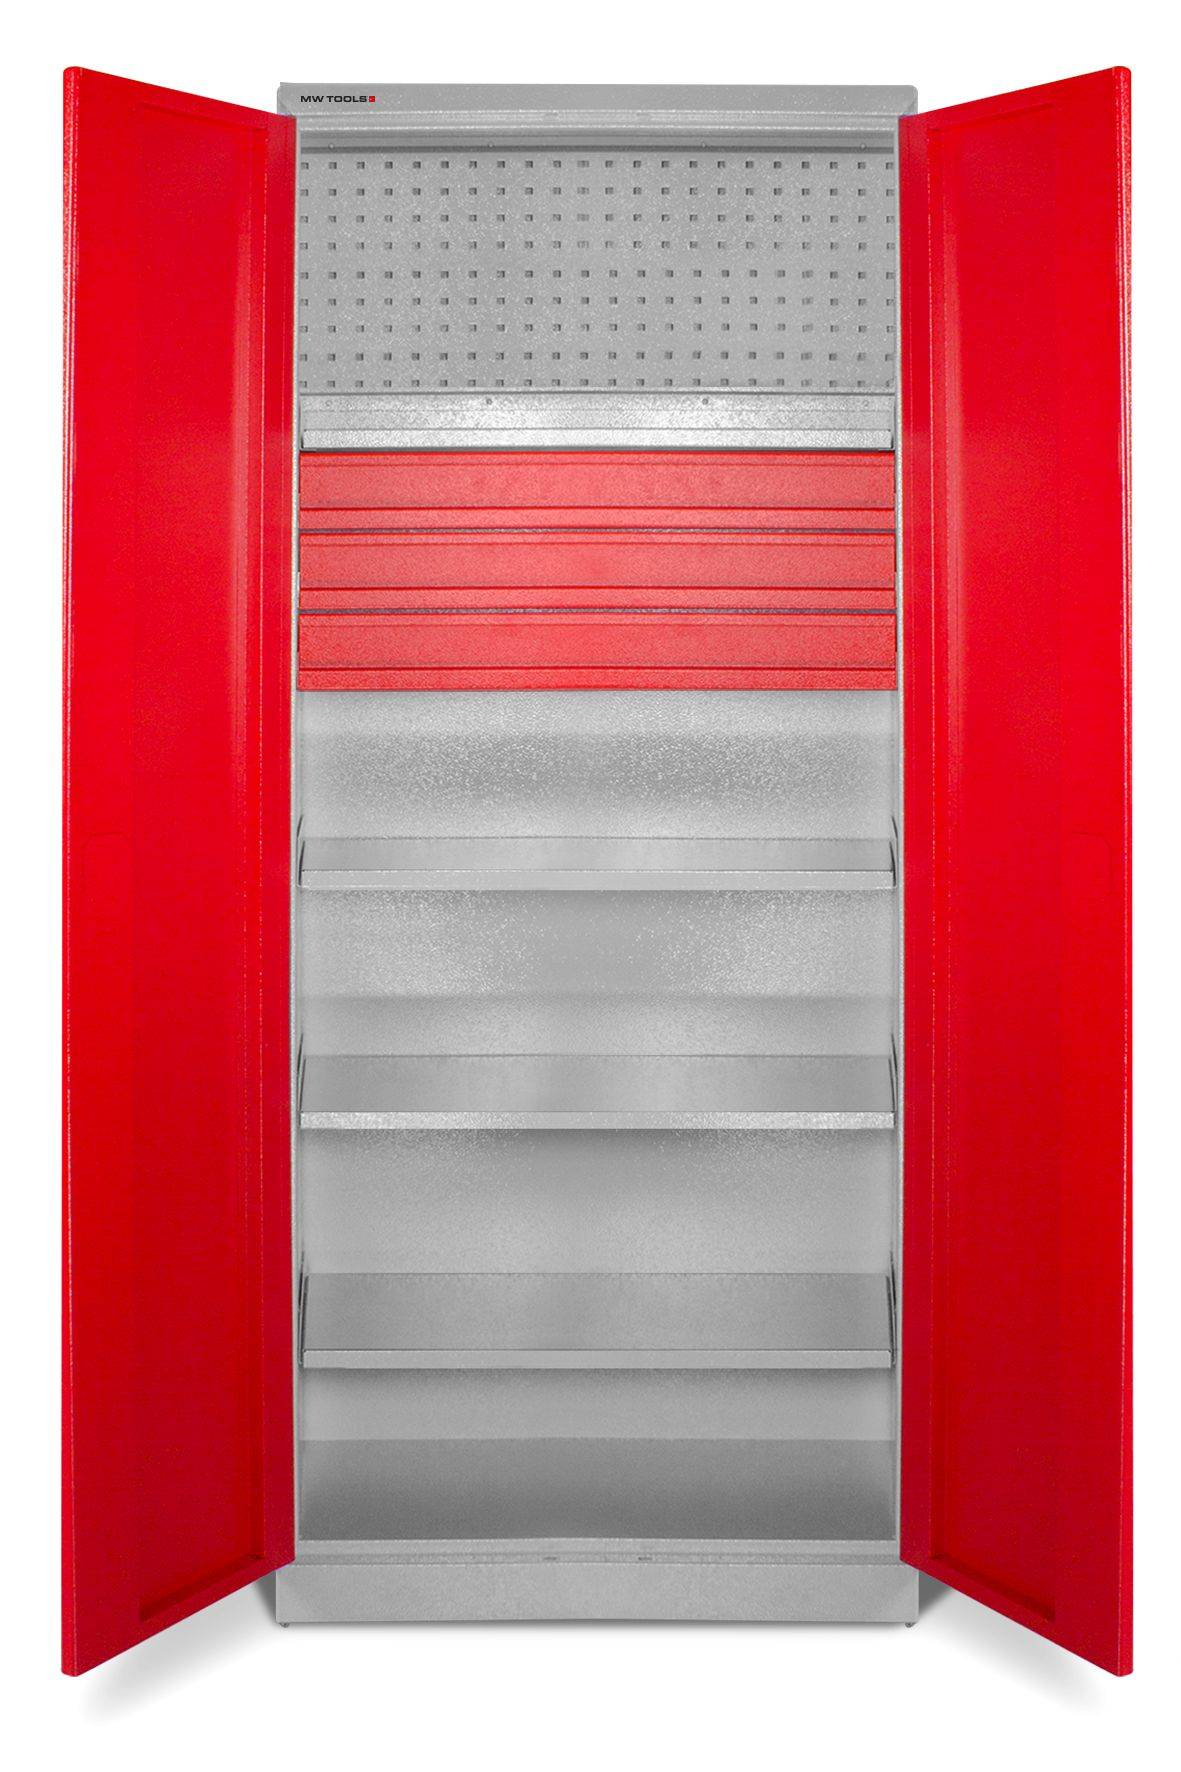 Mw-tools Armoire de rangement universelle étagères et tiroirs MW-Tools DEK7838L